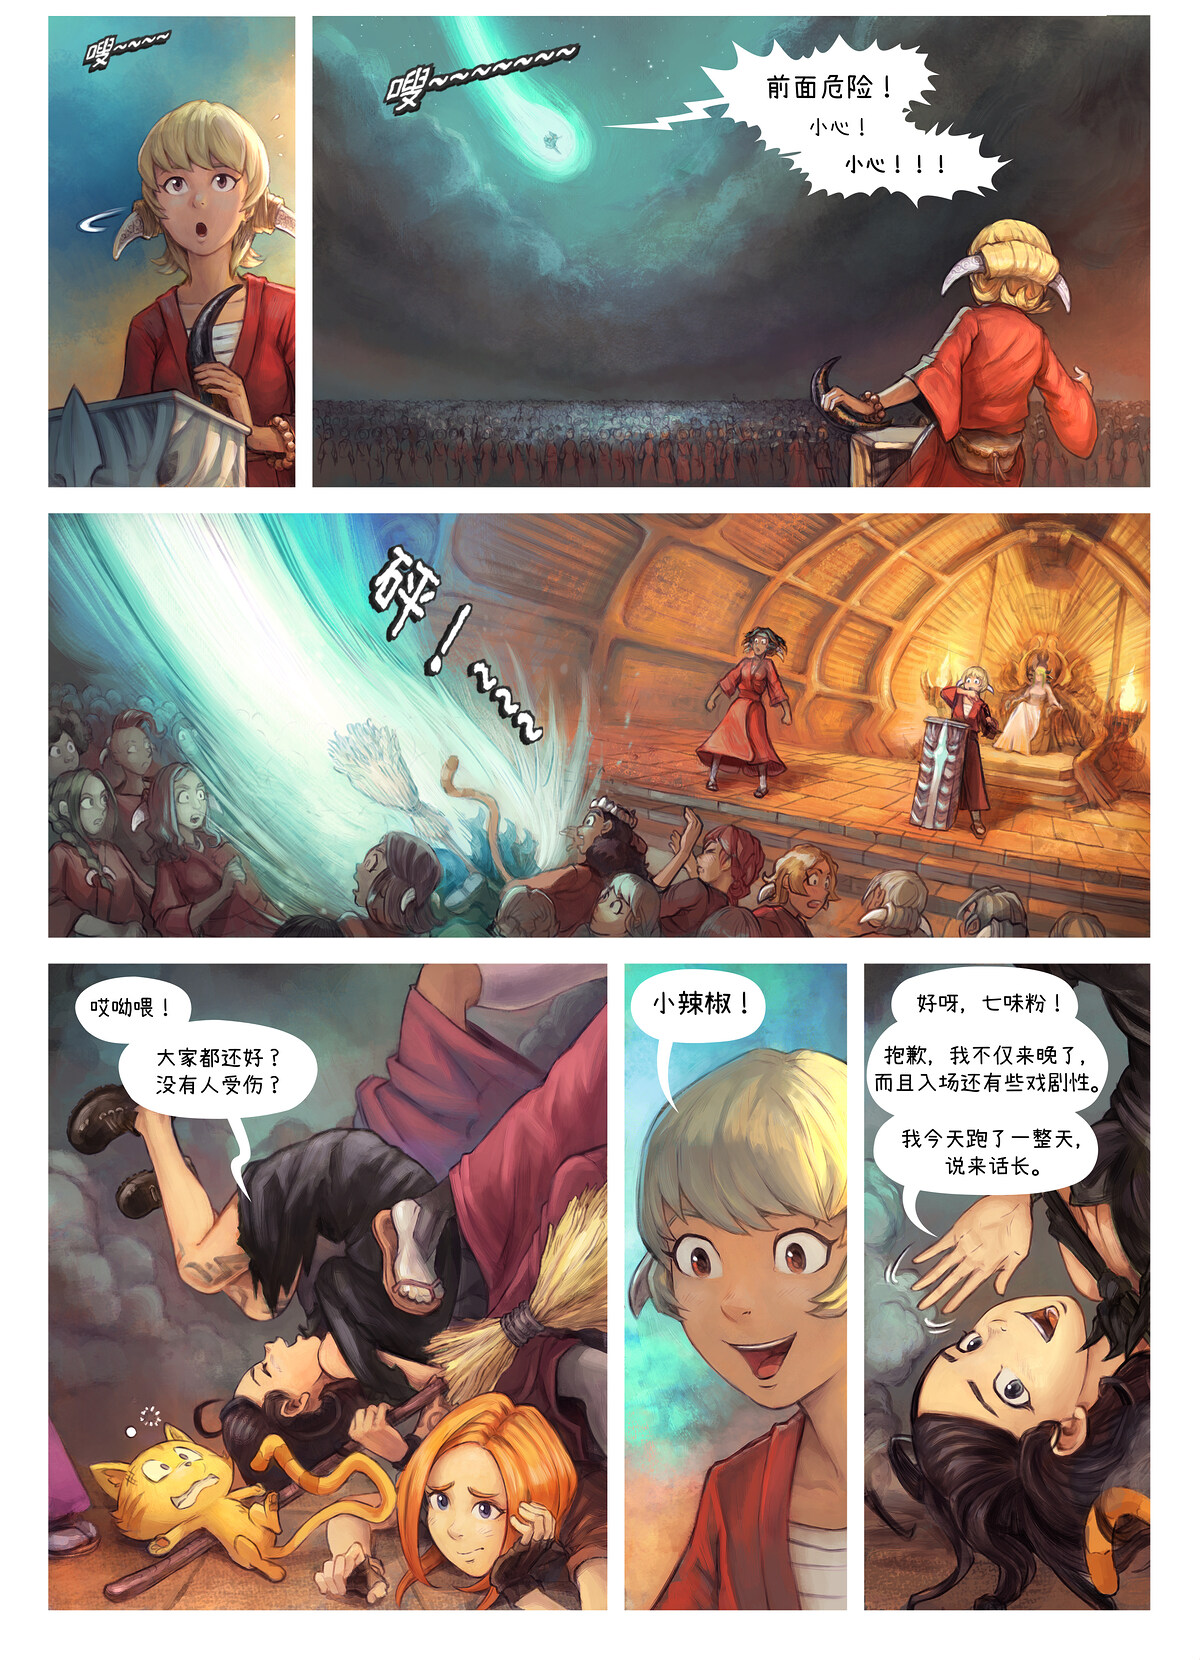 第34集:七味粉的册封仪式, Page 2